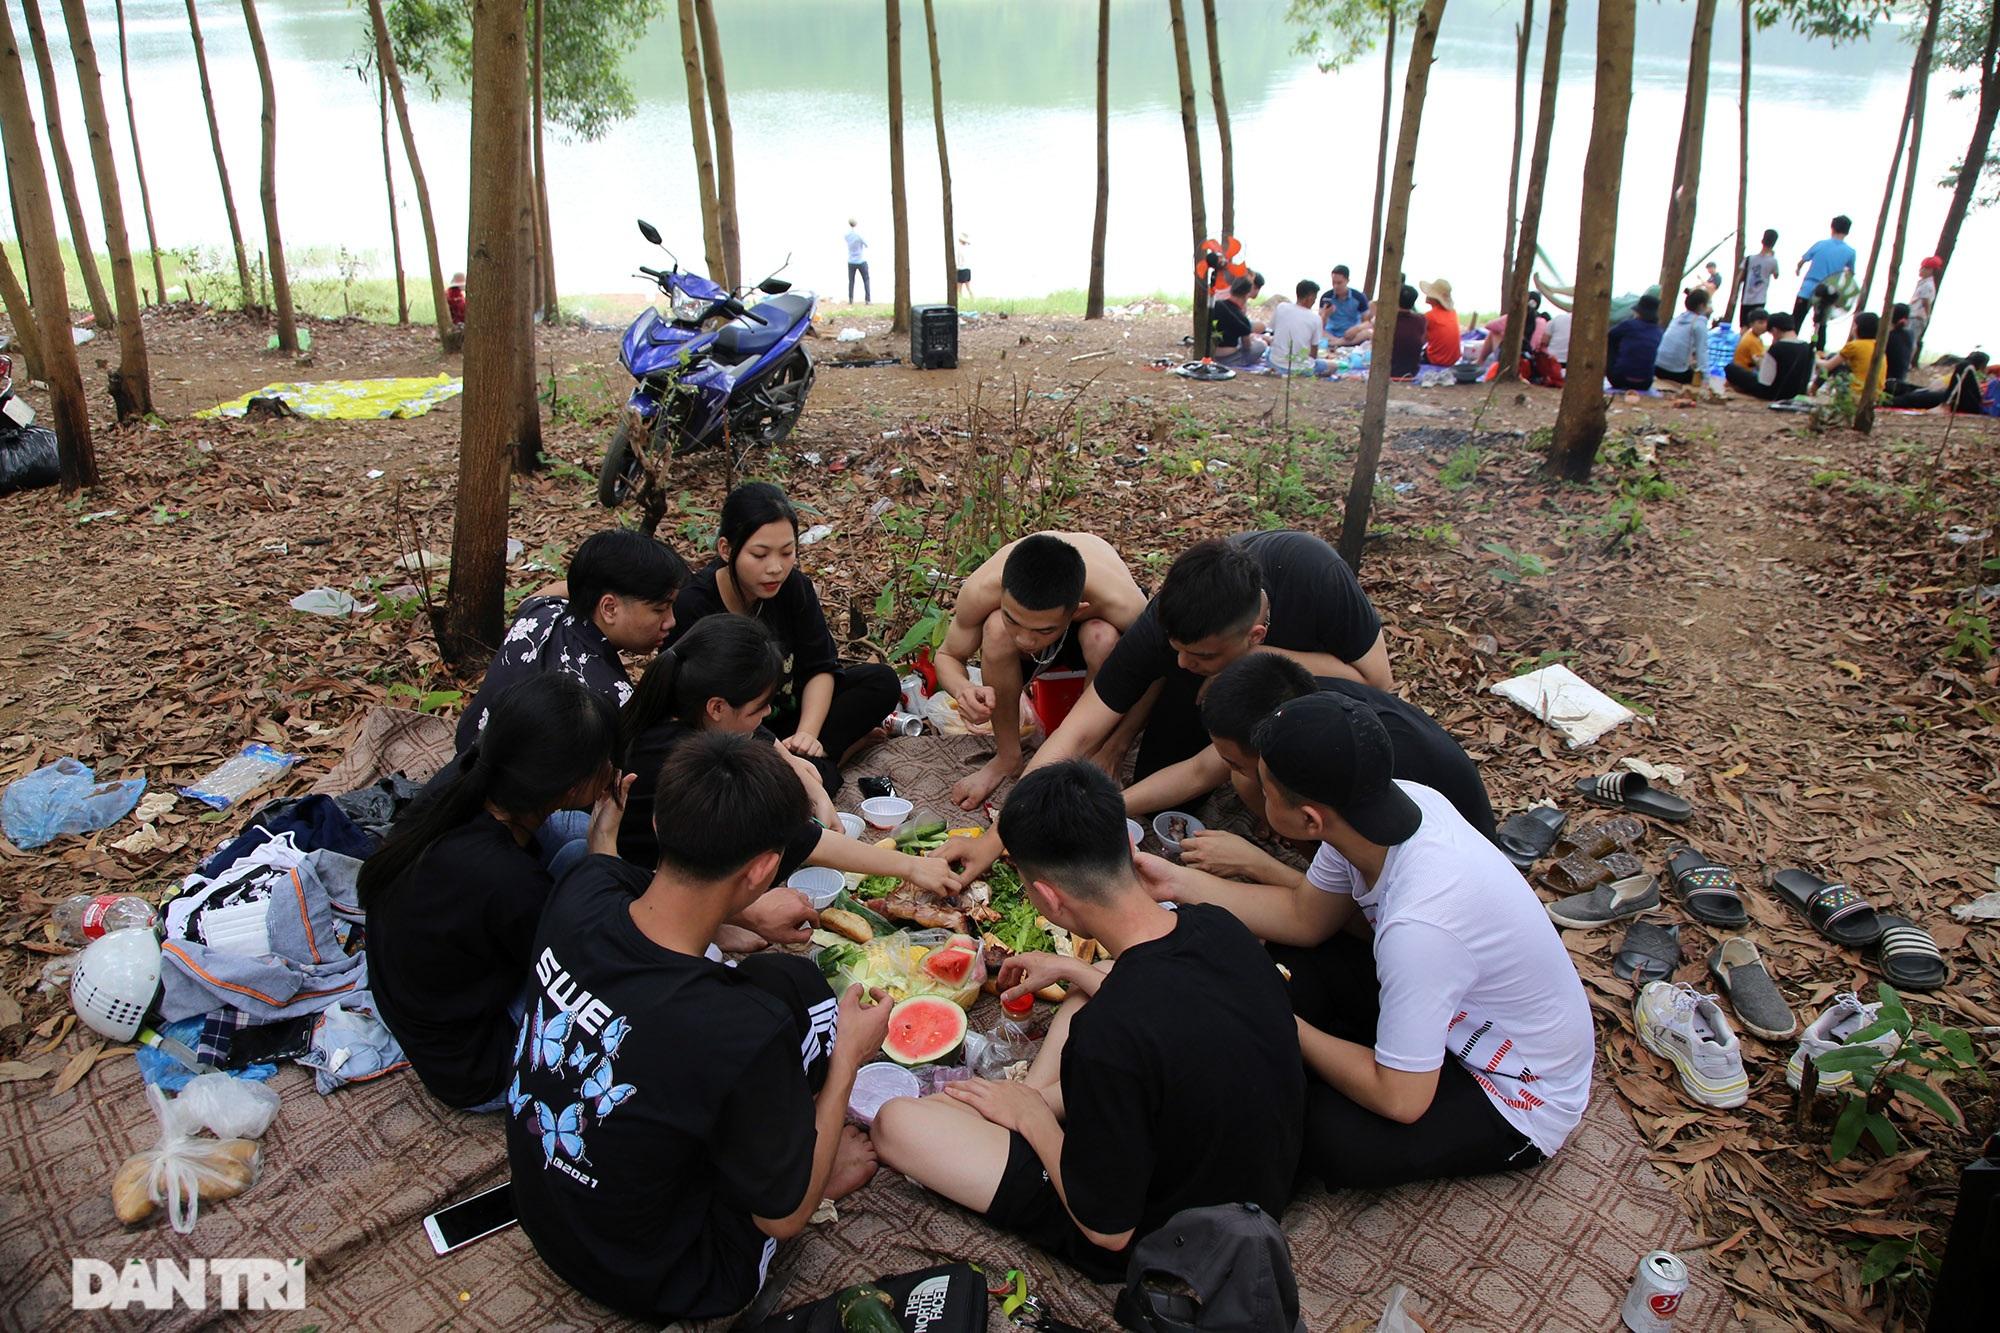 Dù có biển cấm tụ tập, hồ Đồng Mô vẫn tấp nập người đến cắm trại - 3